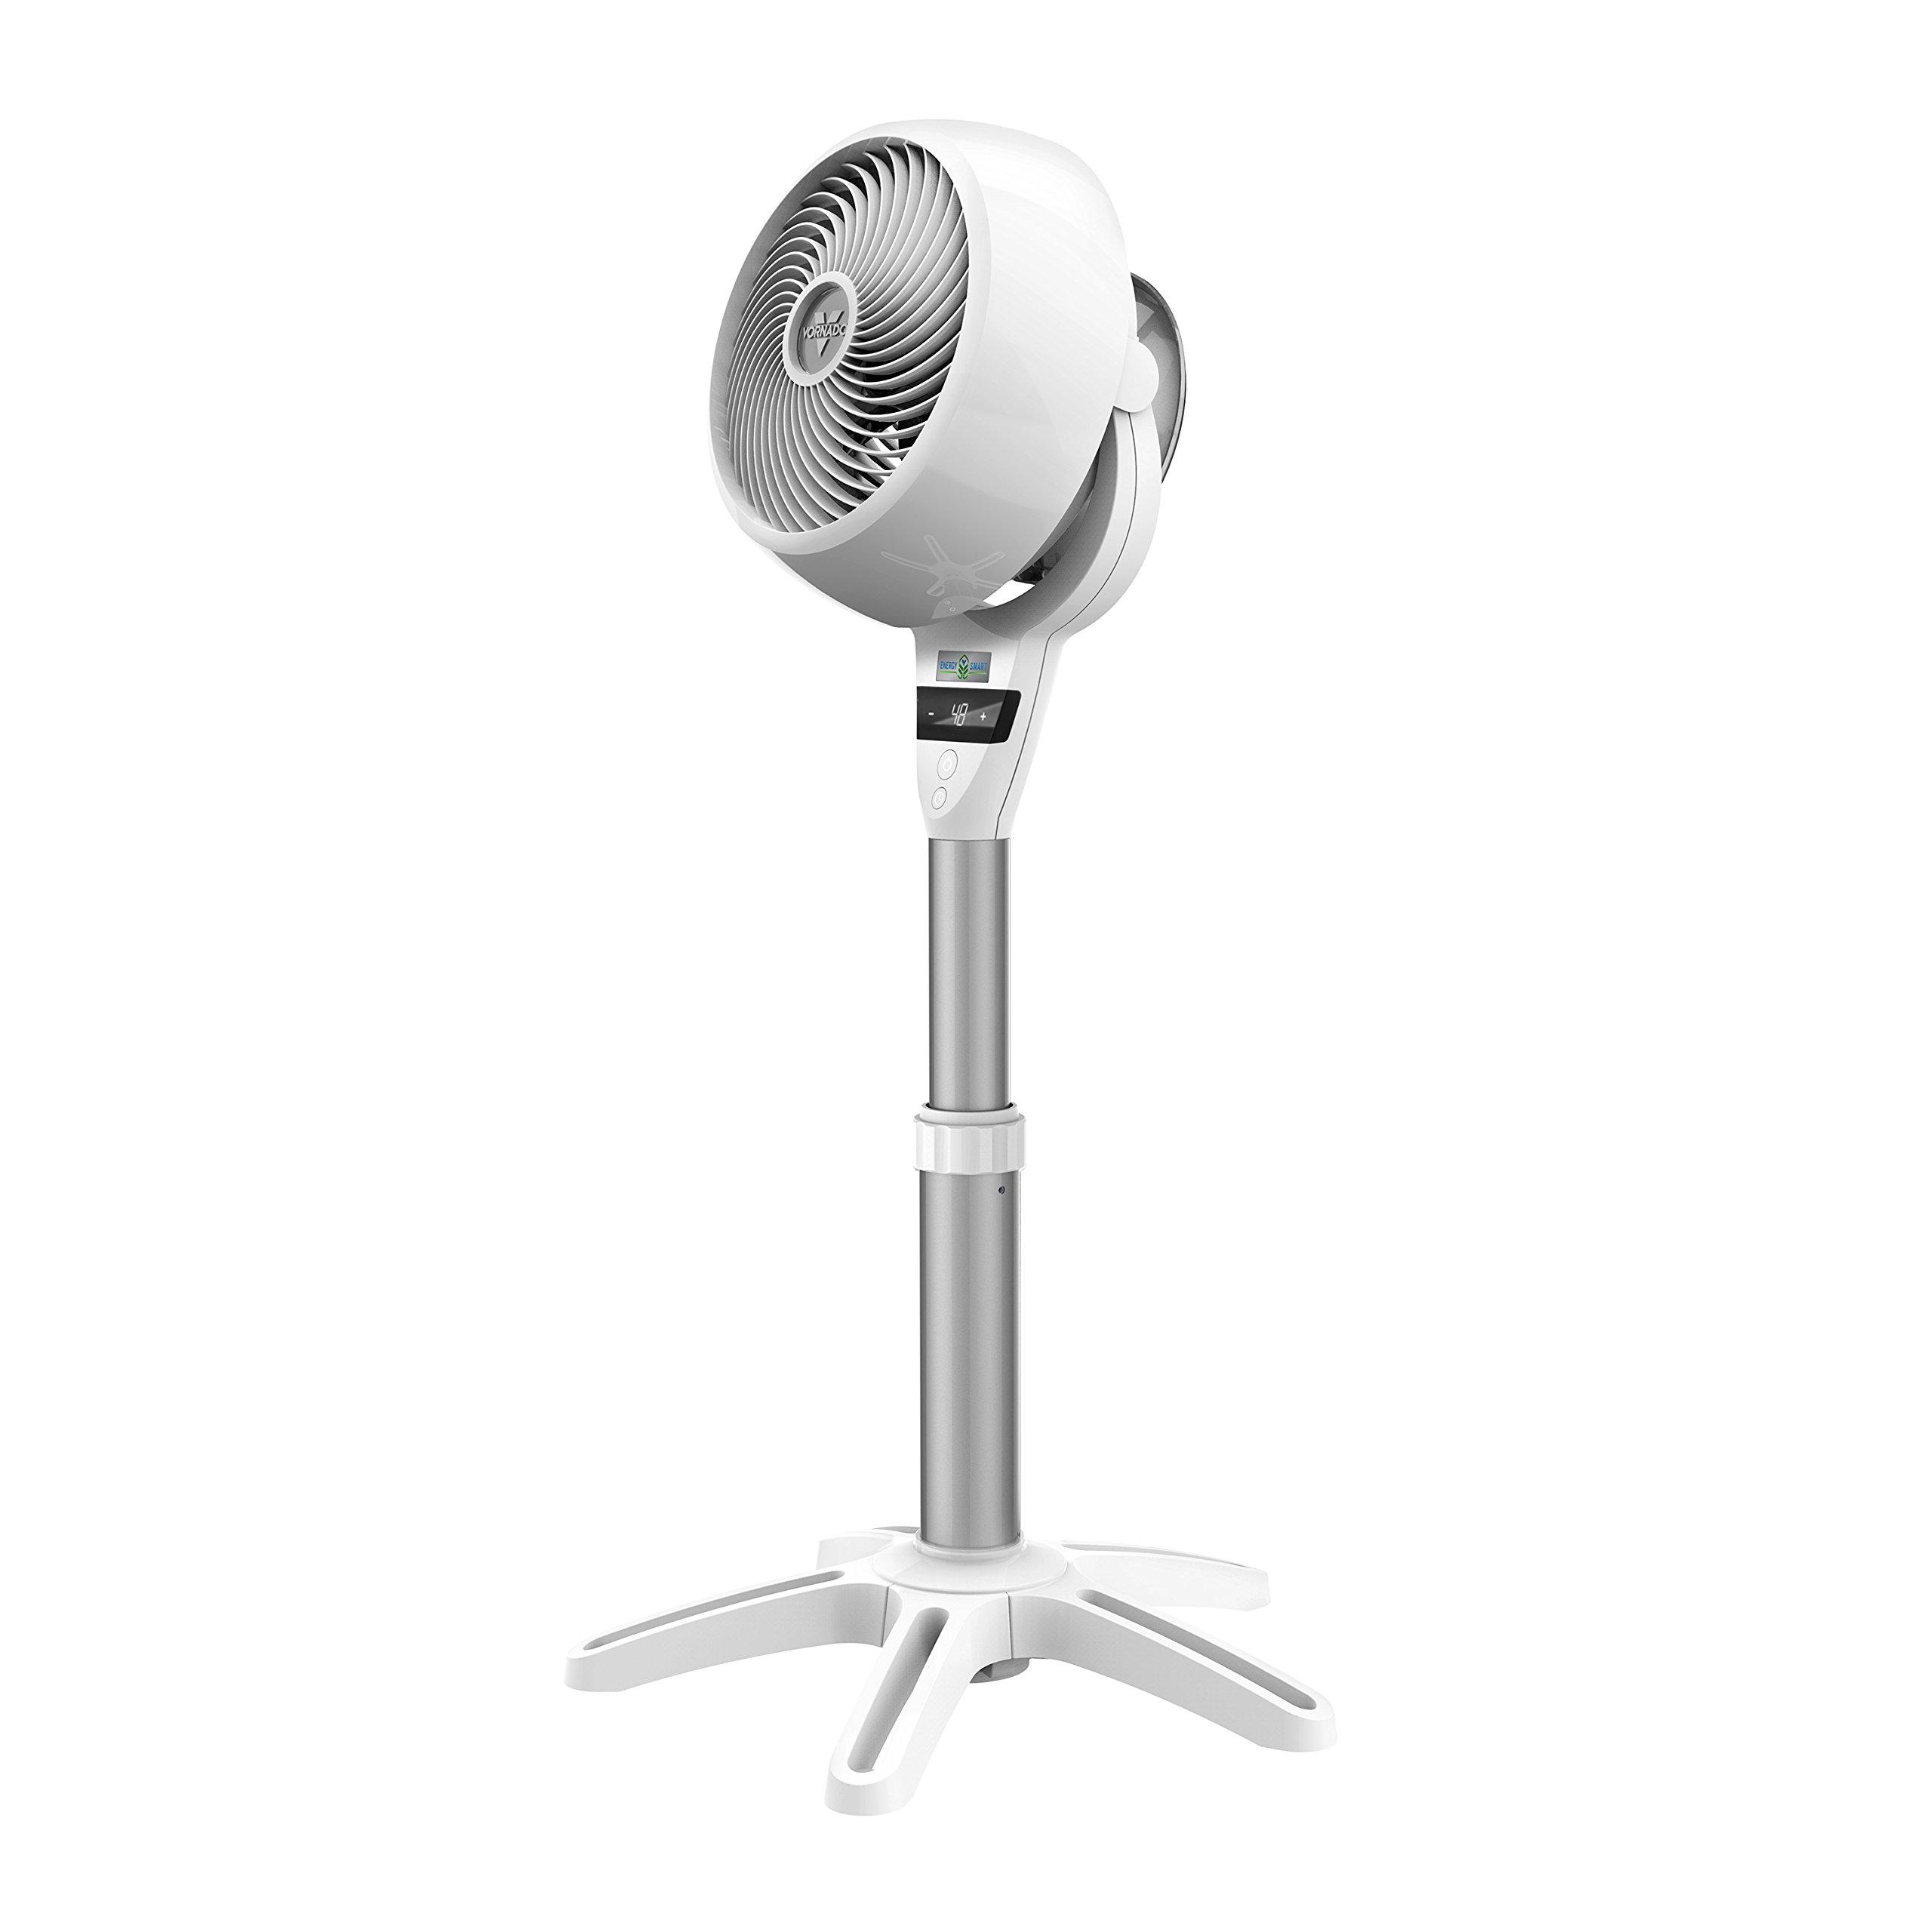 Vornado 6803DC Energy Smart Medium Pedestal Air Circulator Fan with Variable Speed Control by Vornado